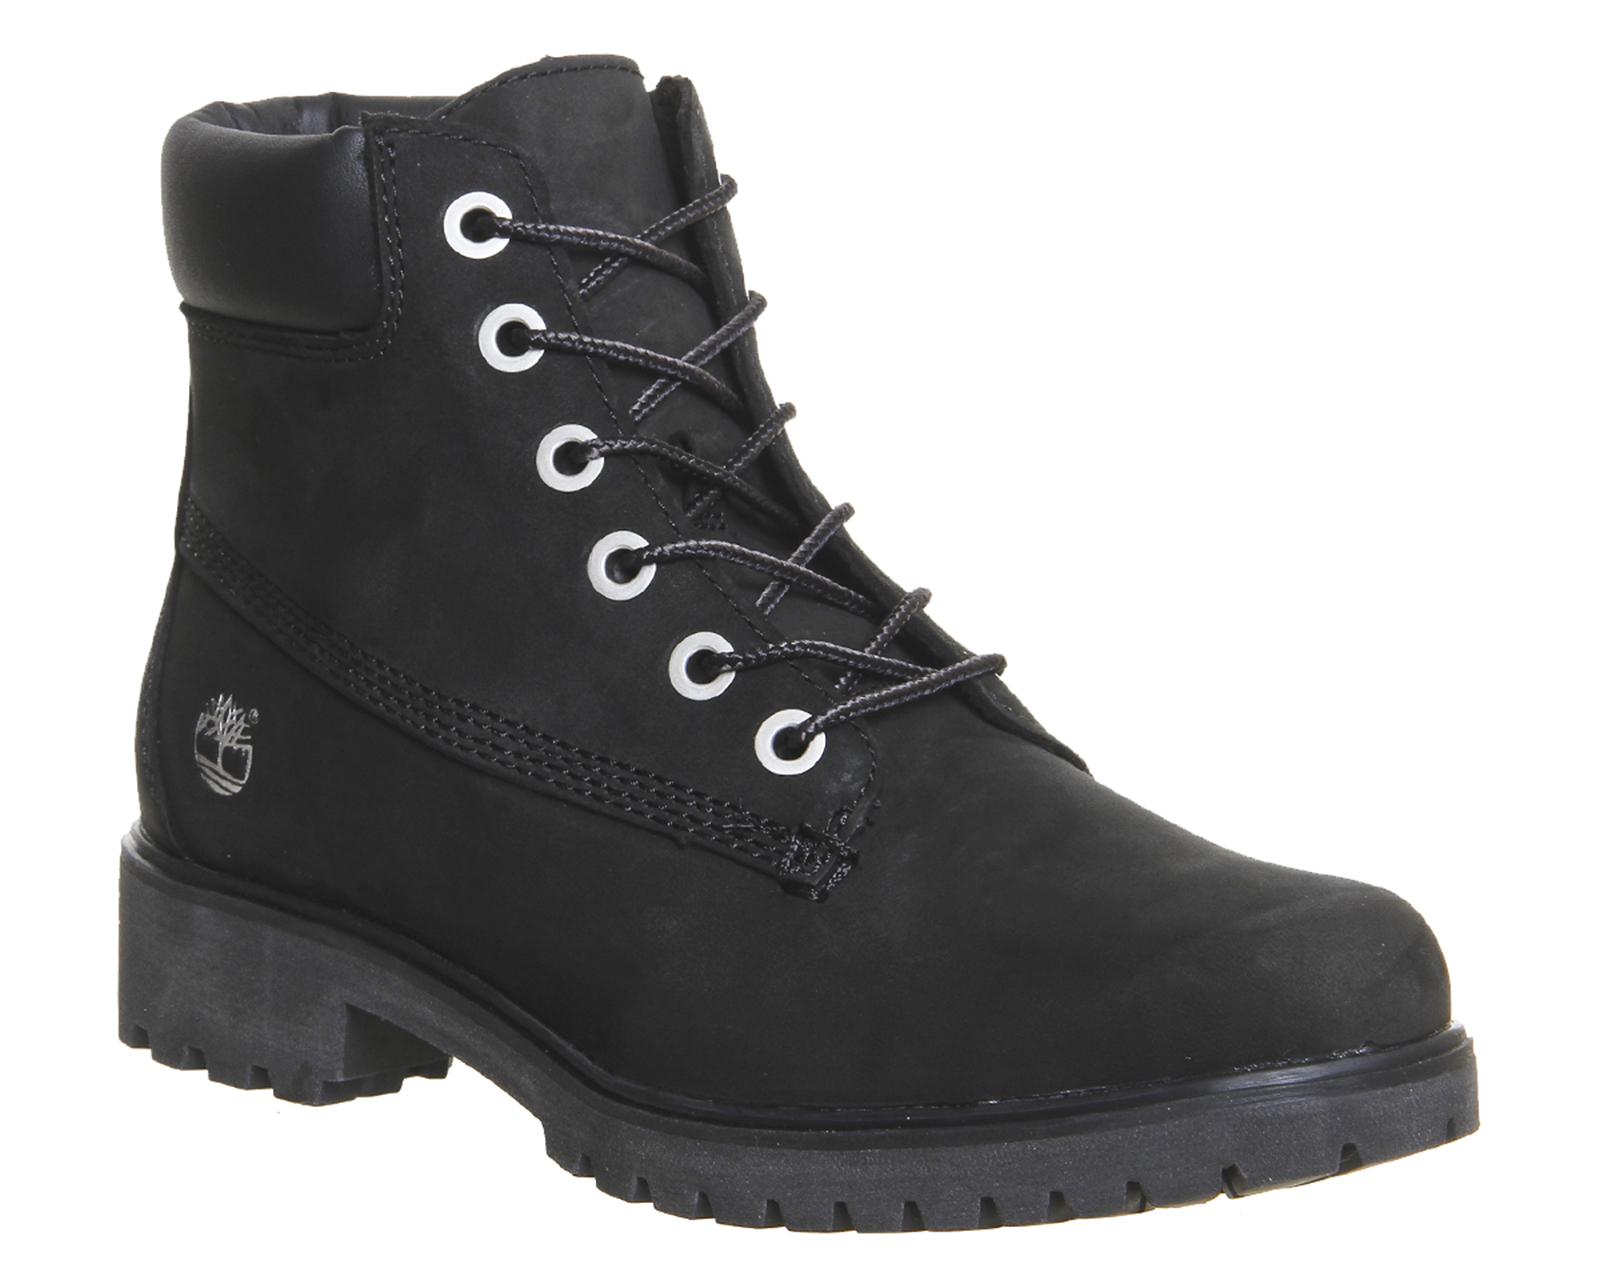 Lastest Clothes Shoes Amp Accessories Gt Men39s Shoes Gt Boots